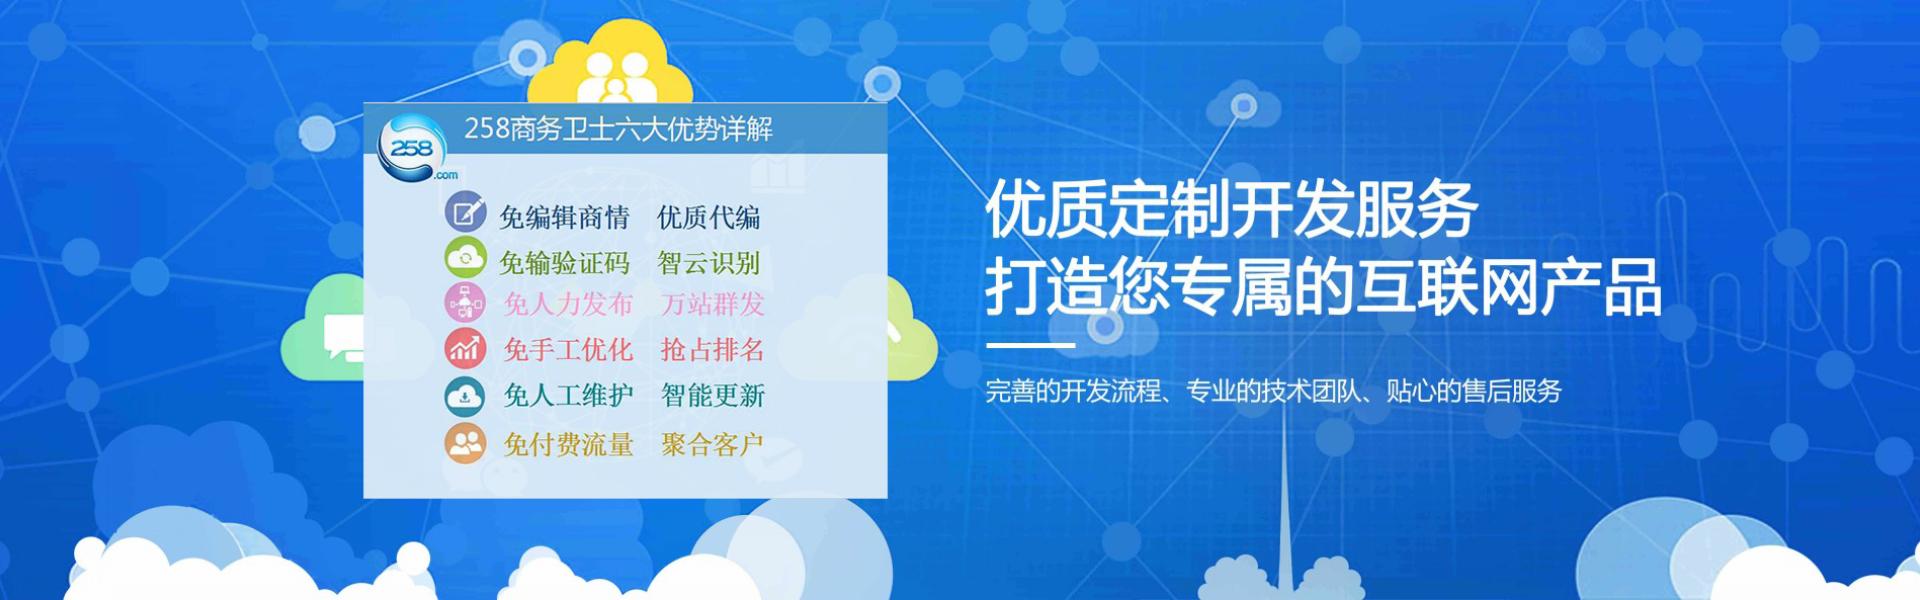 惠州網絡推廣|惠州小程序開發|惠州網絡公司|惠州網站建設推廣